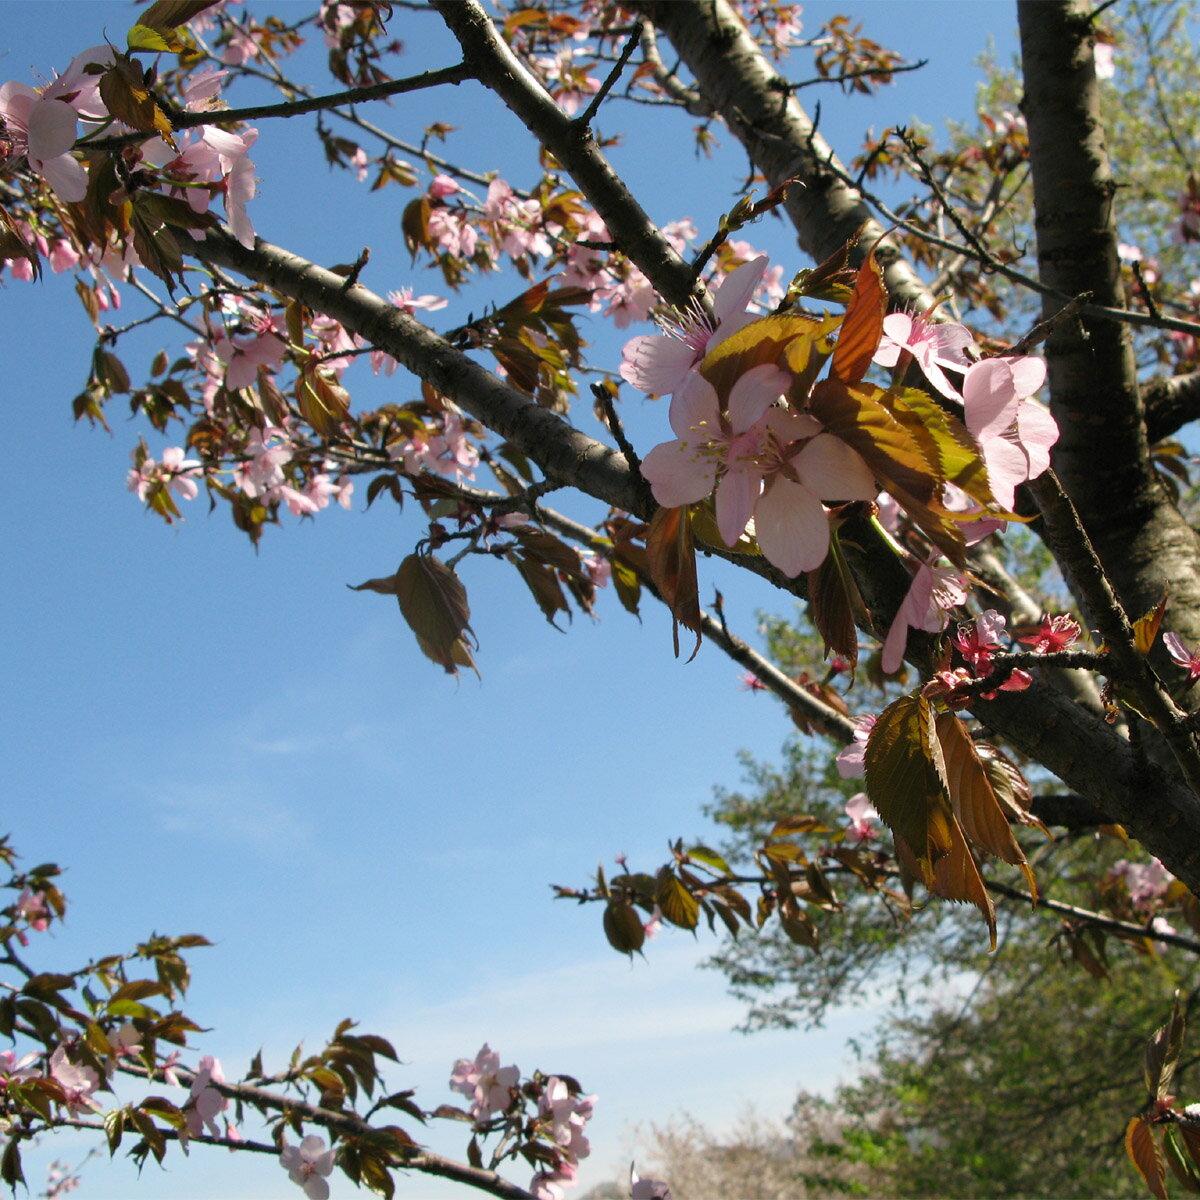 【ふるさと納税】桜の名所・長瀞で「わたしの桜」桜の里親になってみませんか?:埼玉県長瀞町